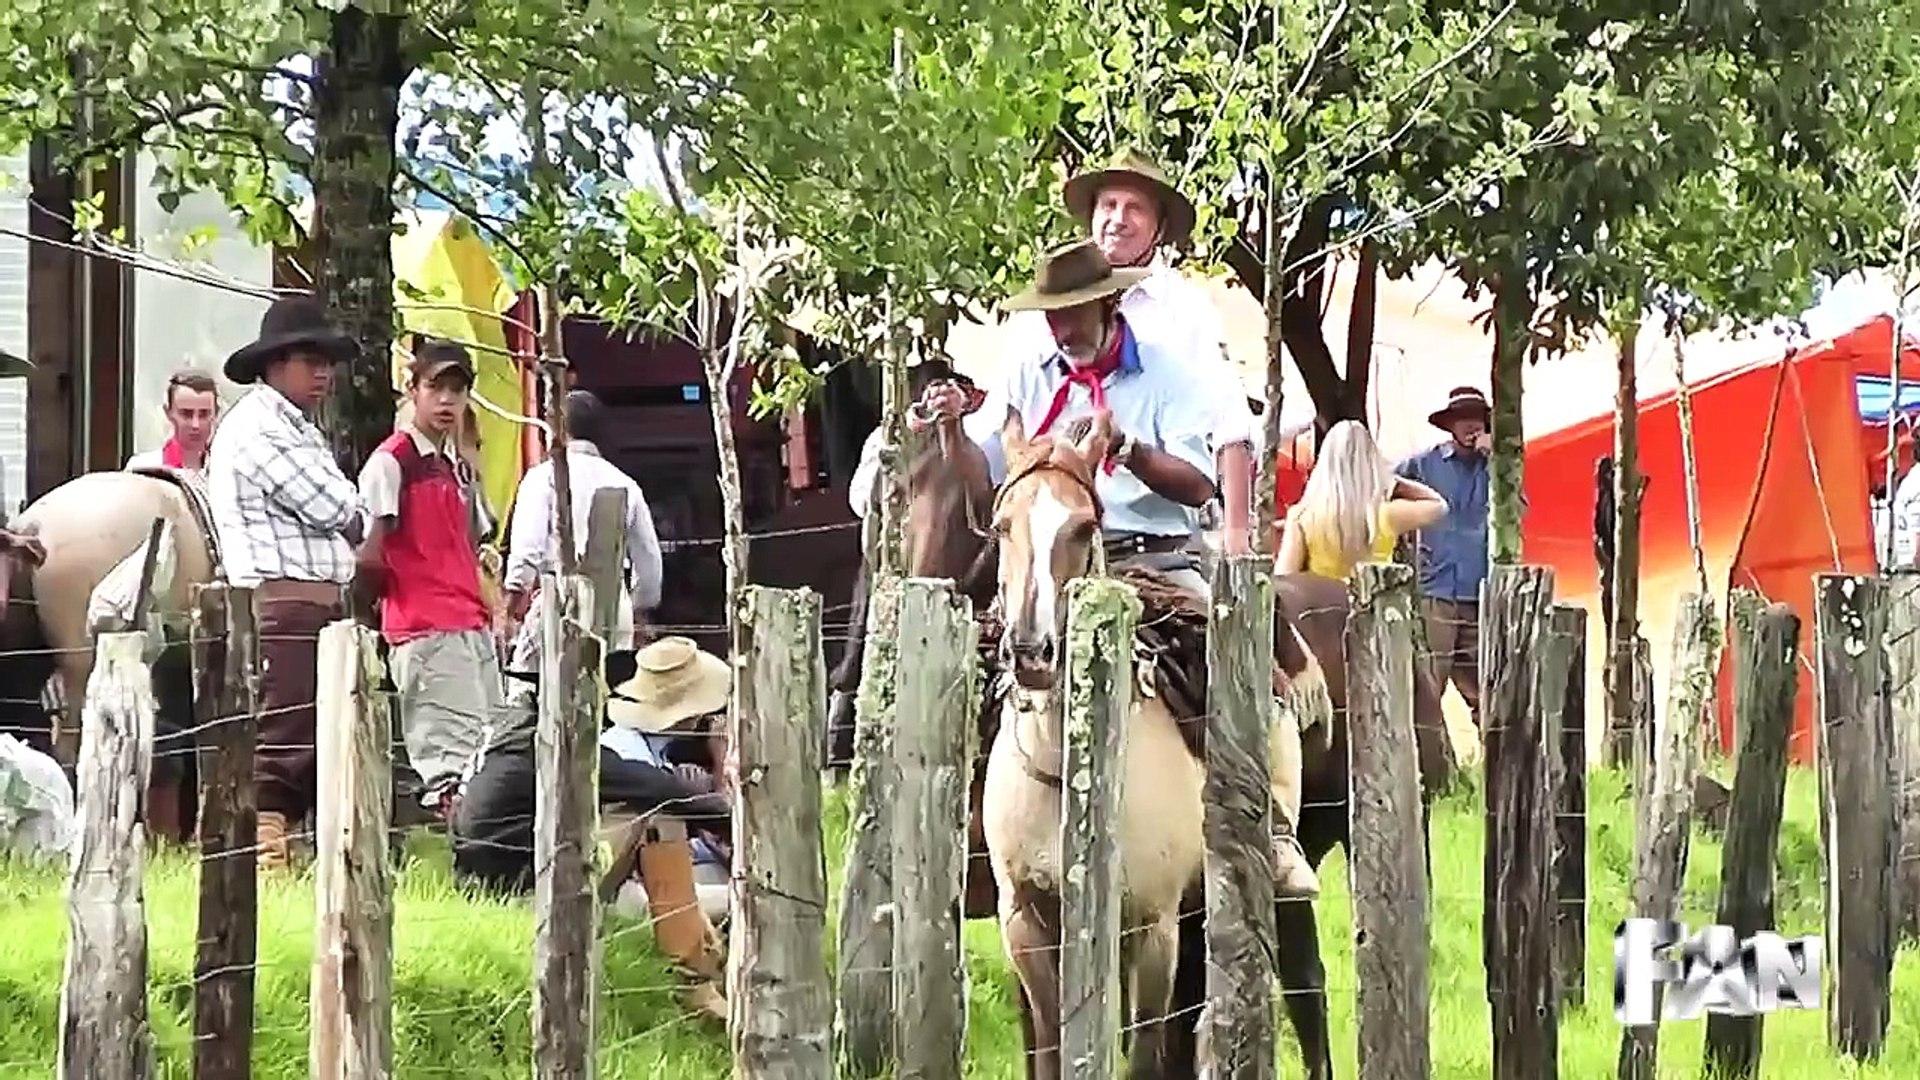 Foco de Mormo cancela agenda de eventos campeiros no estado